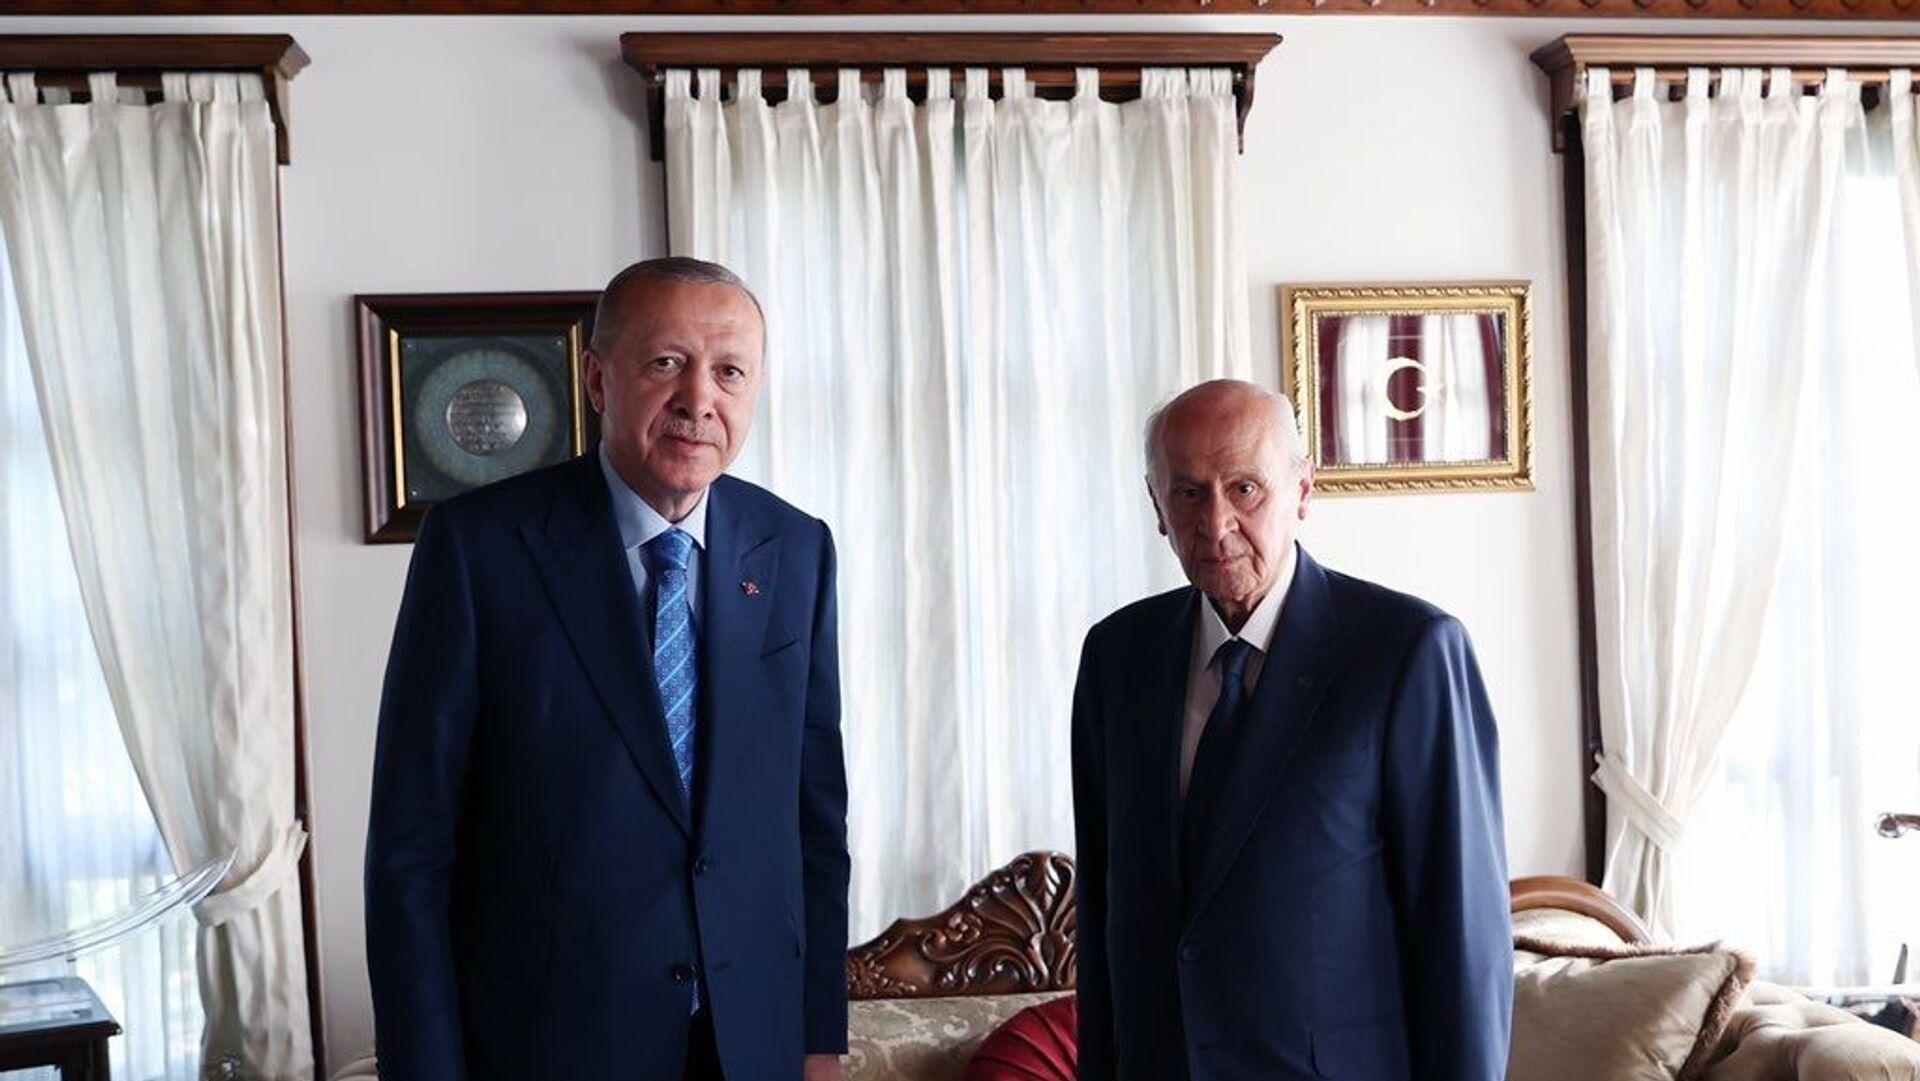 Cumhurbaşkanı Erdoğan , MHP Genel Başkanı Devlet Bahçeli'yi evinde ziyaret etti - Sputnik Türkiye, 1920, 04.08.2021